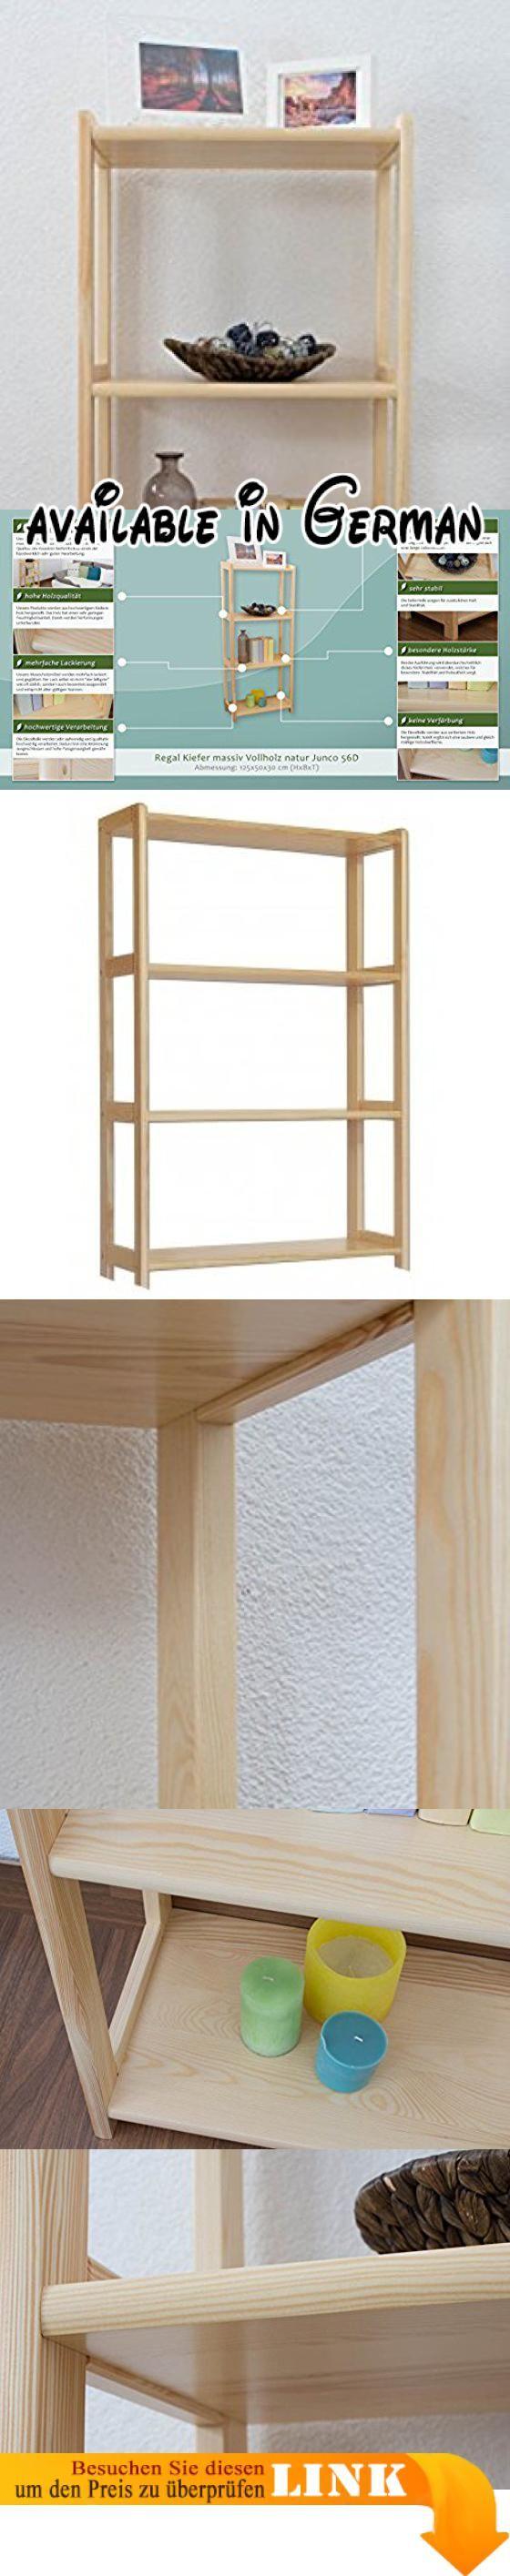 regal 50 cm breit fabulous excellent regal cm breit ikea with regal cm breit with regal 50 cm. Black Bedroom Furniture Sets. Home Design Ideas